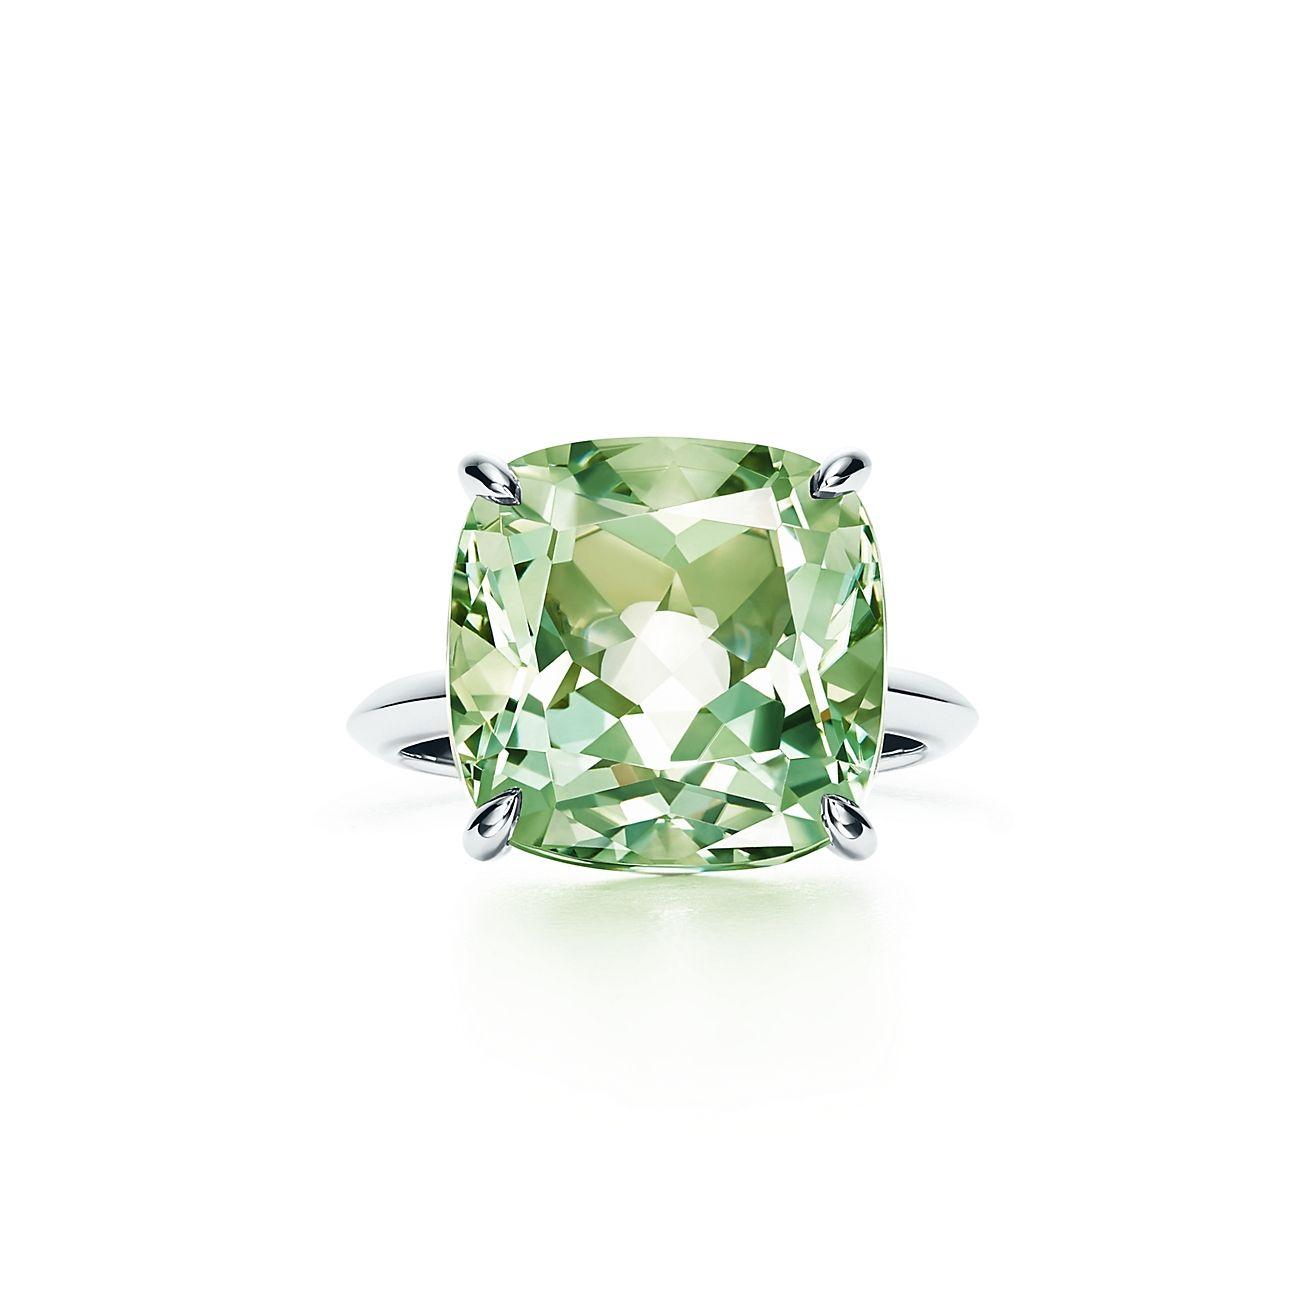 04a80613d Tiffany Sparklers:Green Quartz Ring in 2019 | WEDDING | Tiffany ...